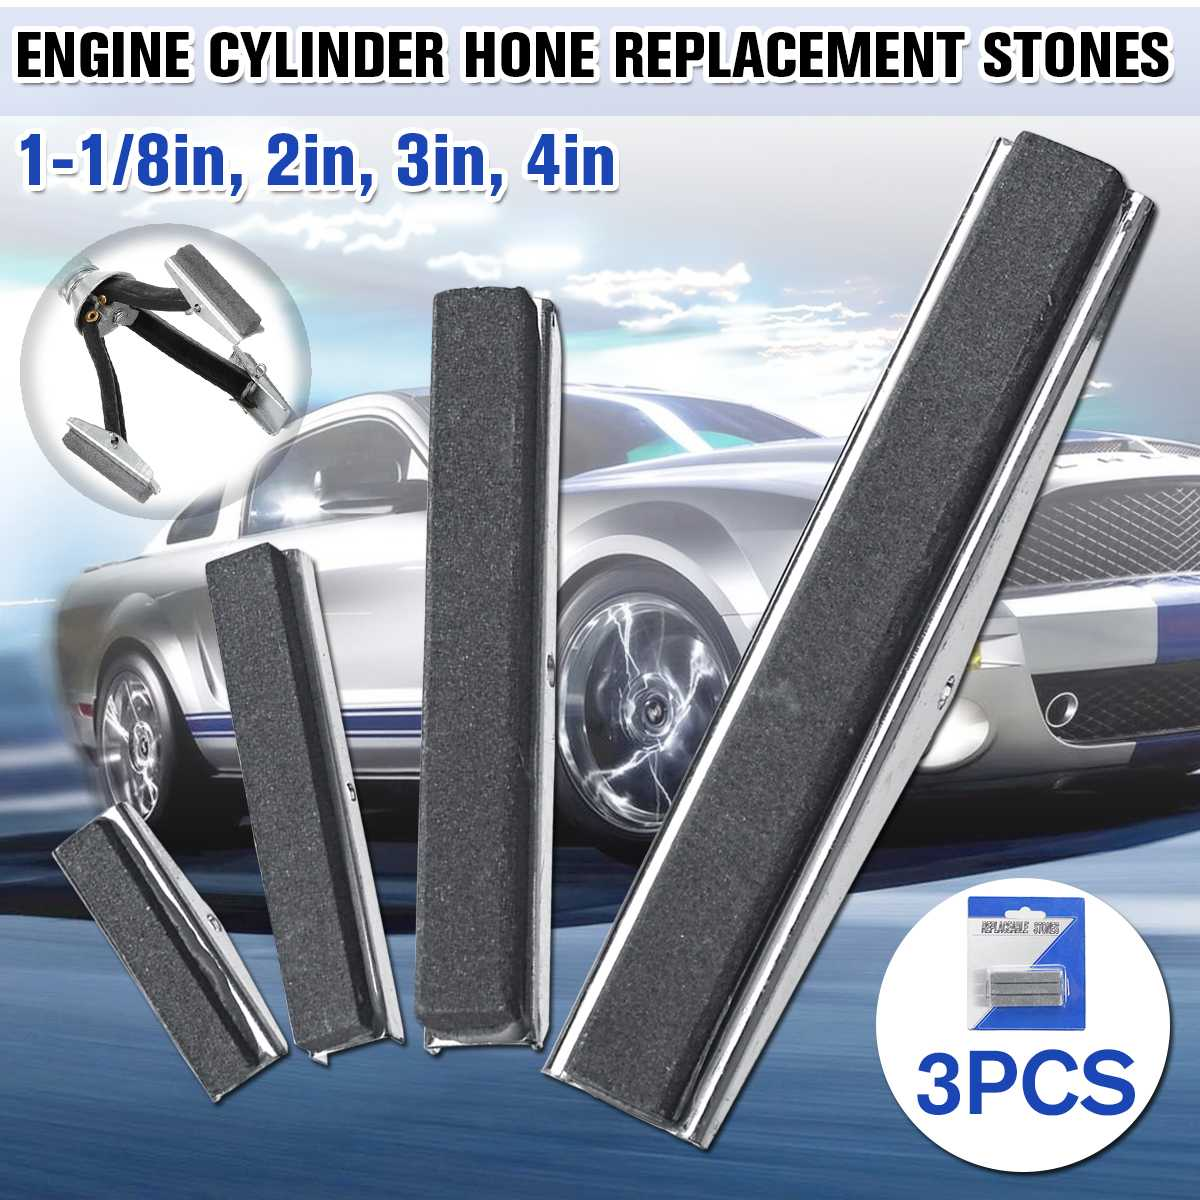 3 ピース/セットホーン交換可能な石ブレーキピストンエンジンシリンダーホーンツール交換石 1.125/2/3/ 4 インチ 4 サイズ